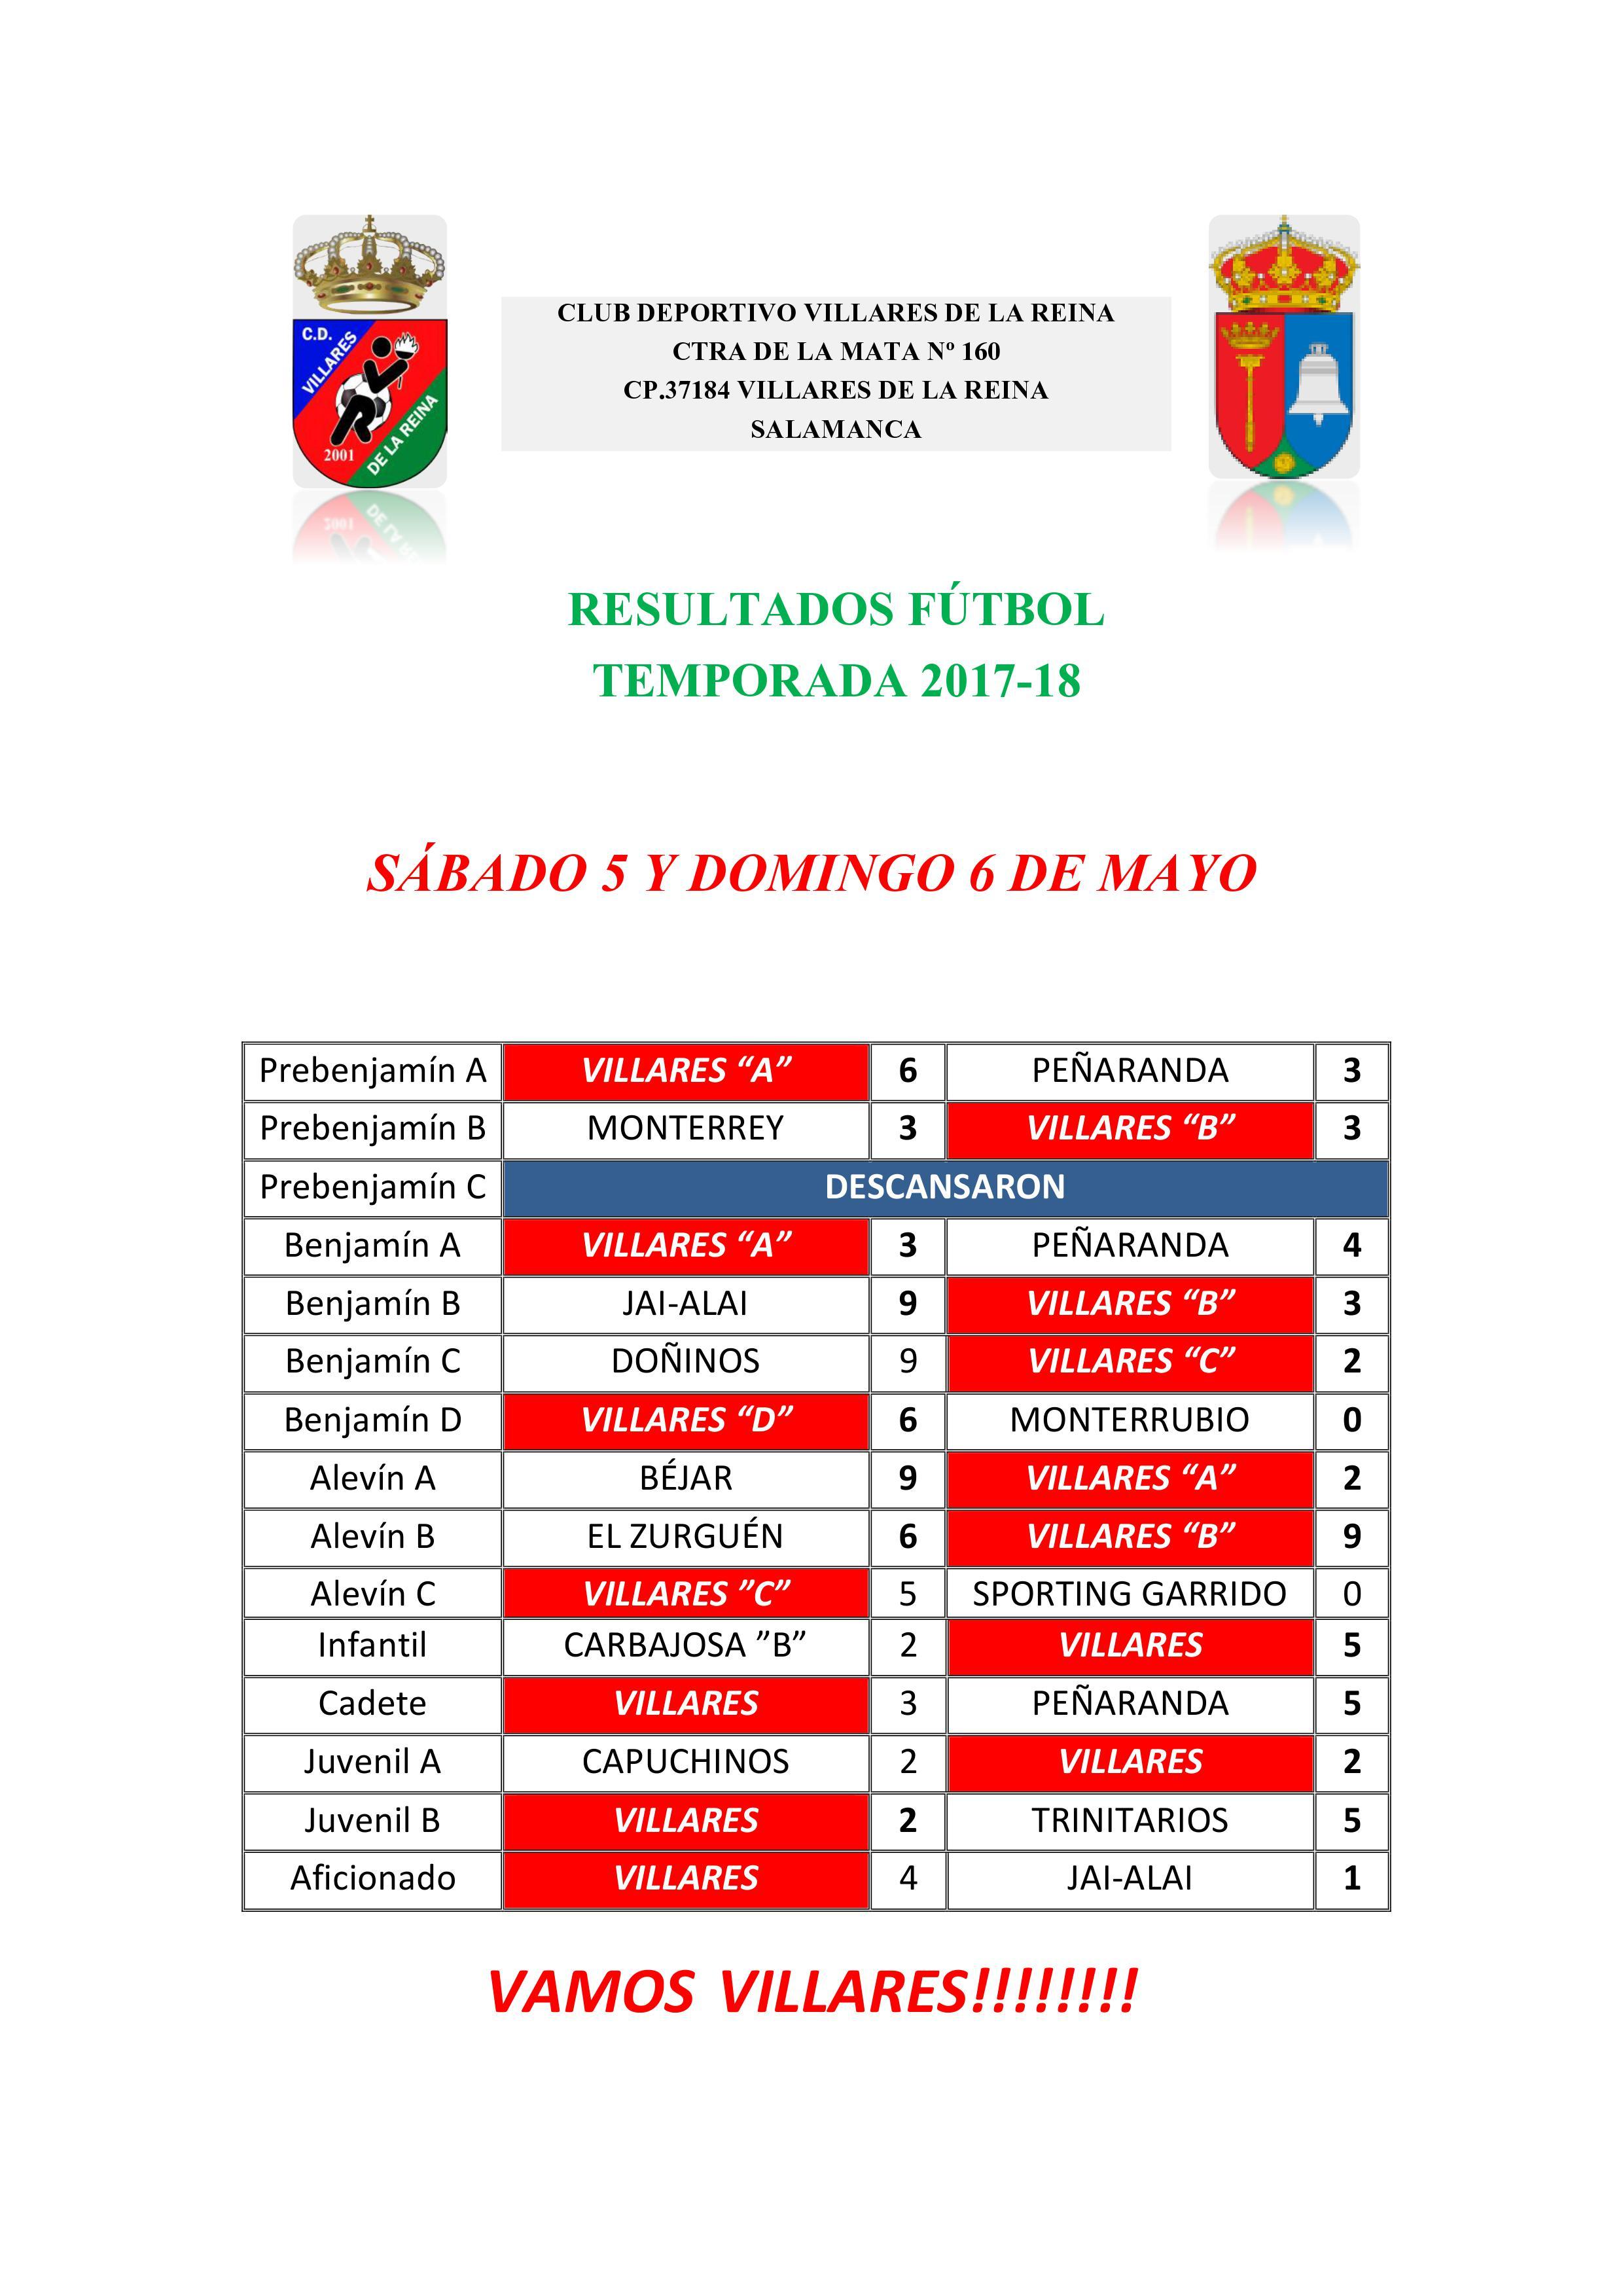 RESULTADOS S�BADO 5 Y DOMINGO 6 DE MAYO